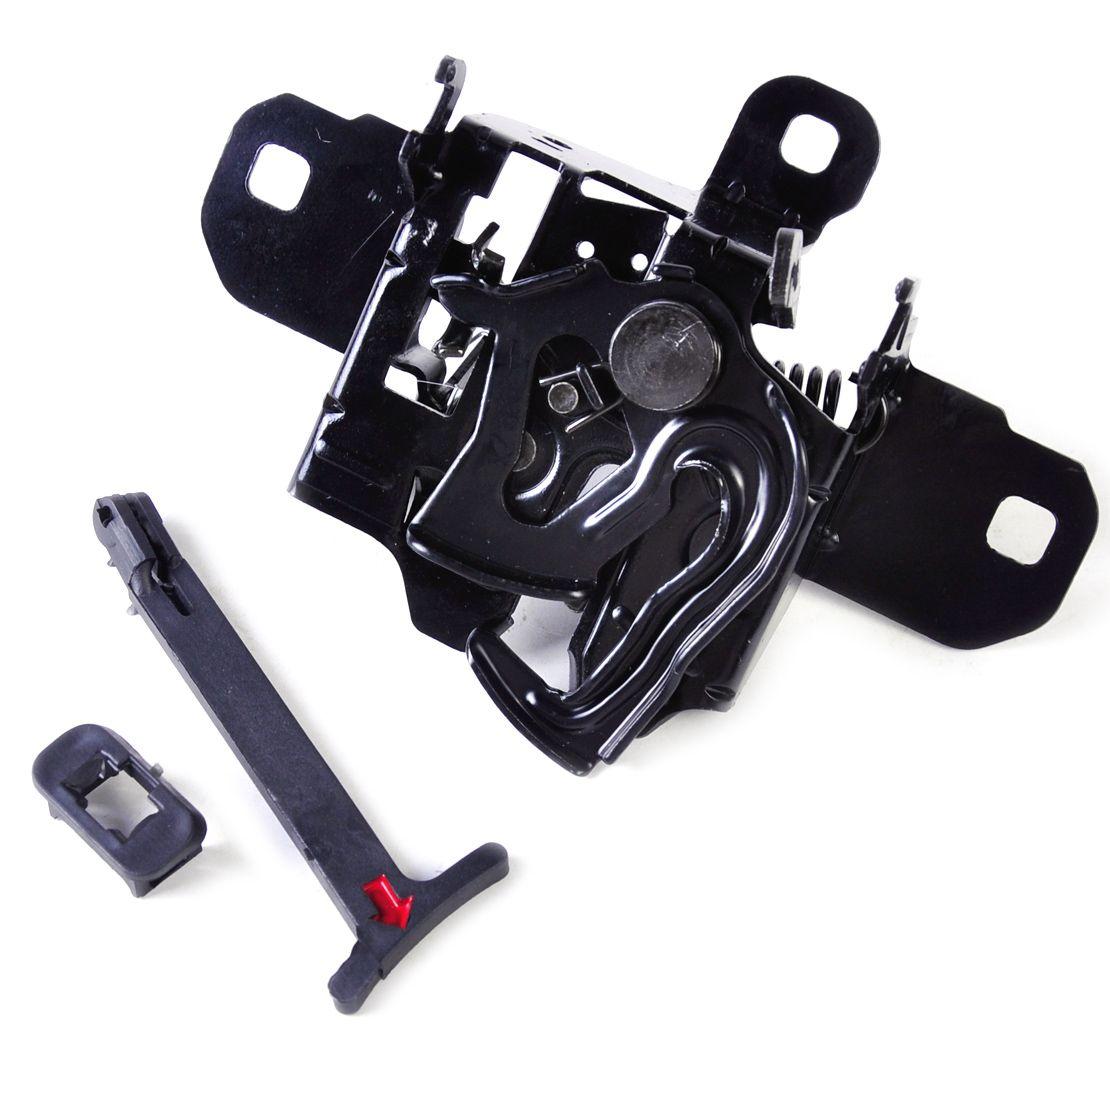 beler Hood Lock Latch Release Pull Rod Handle Fit for Volkswagen VW Golf Jetta MK4 2000 2001 2002 2003 2004 2005 1J0823509E